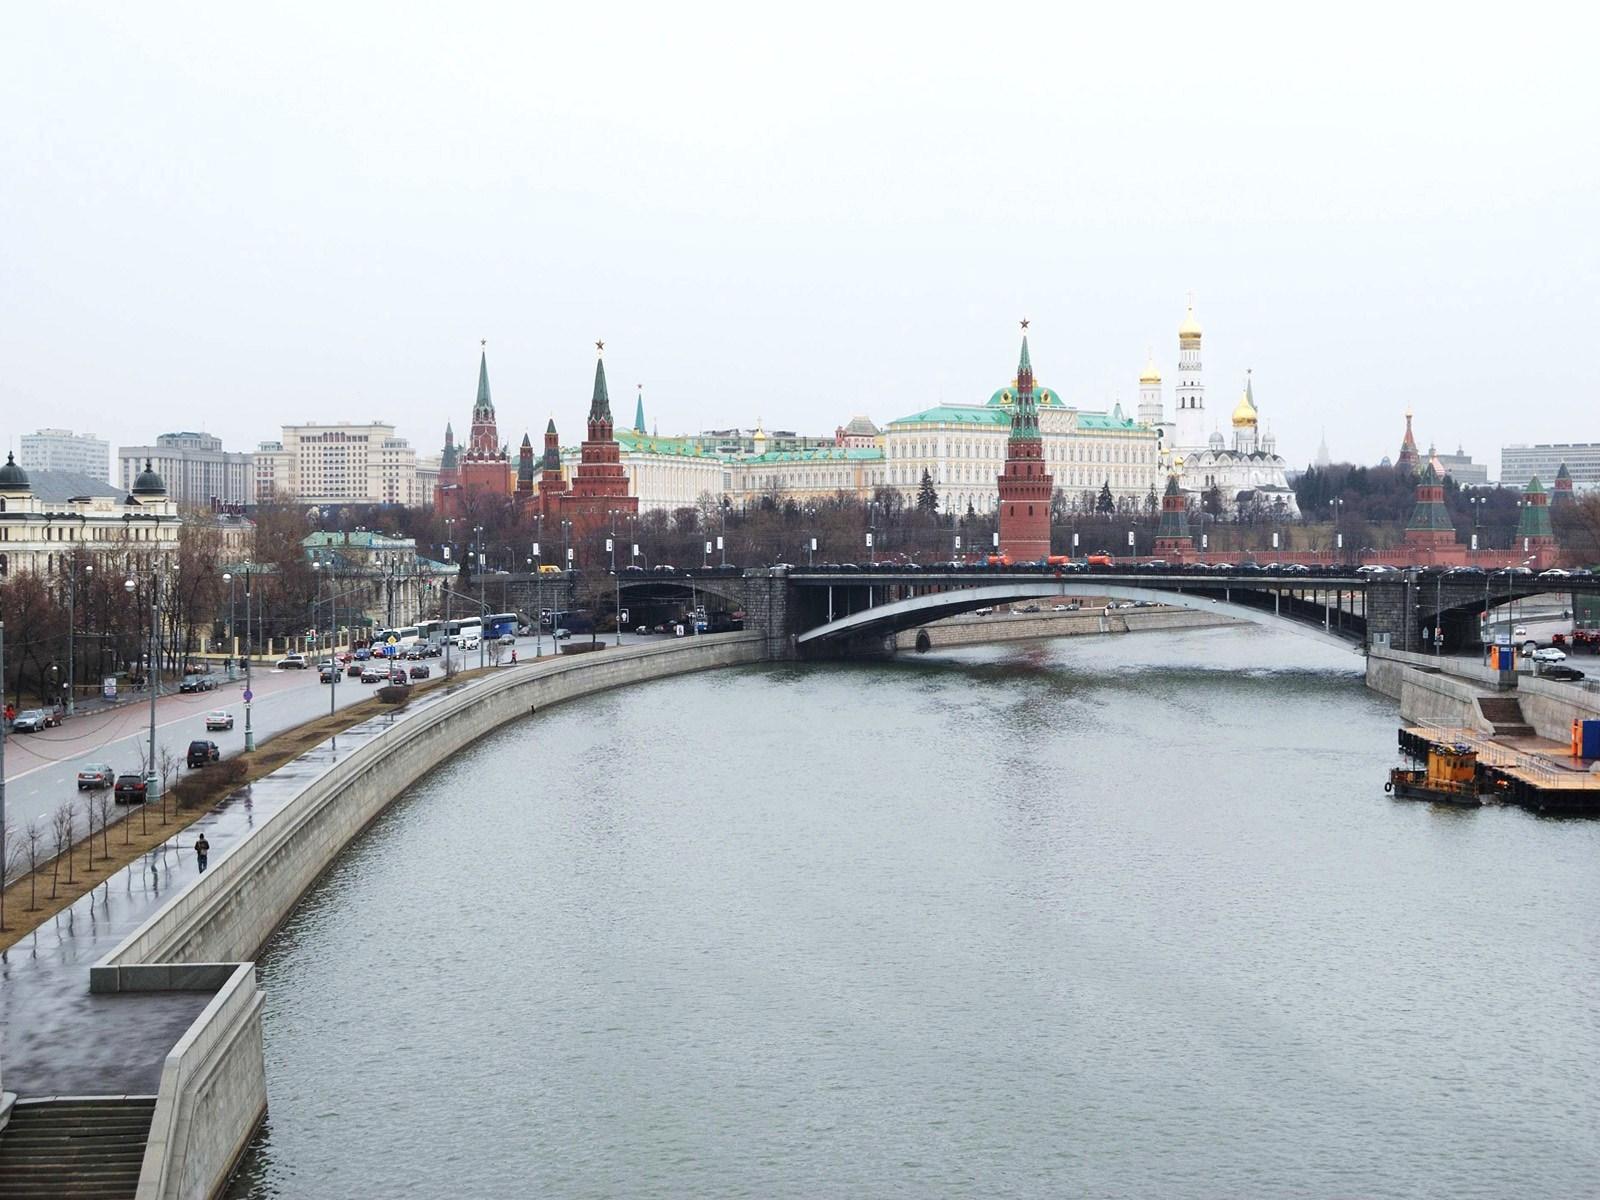 22051 завантажити шпалери Пейзаж, Міста, Річка, Москва - заставки і картинки безкоштовно